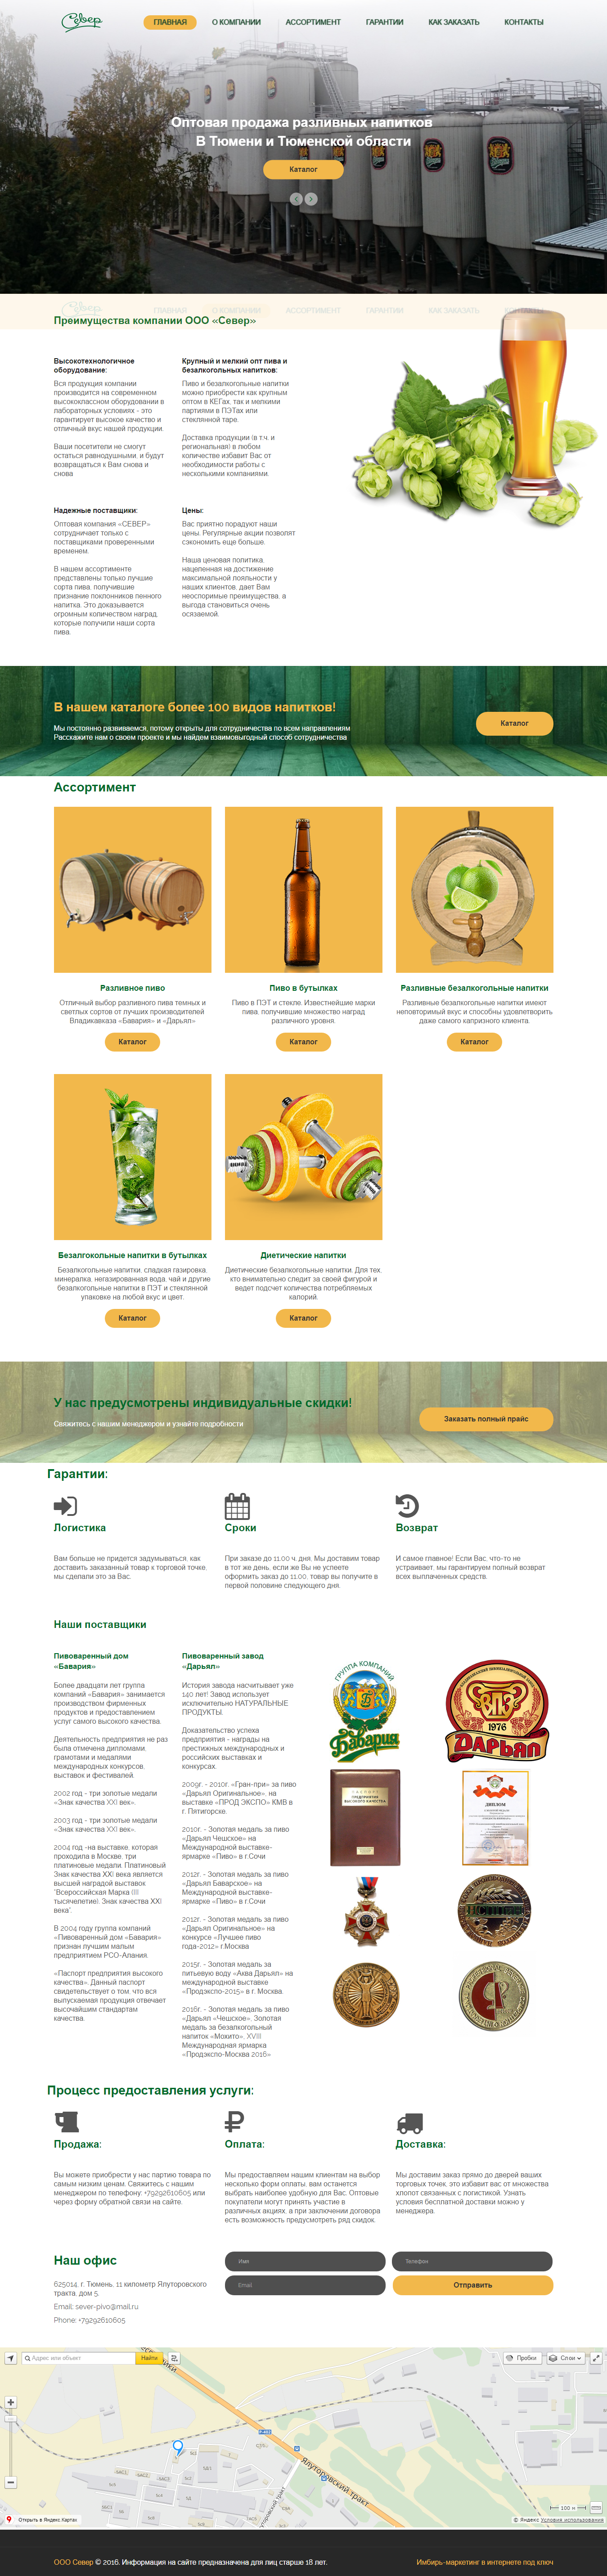 Создание сайтов и landing page: заказать лендинг, разработка посадочной страницы под ключ